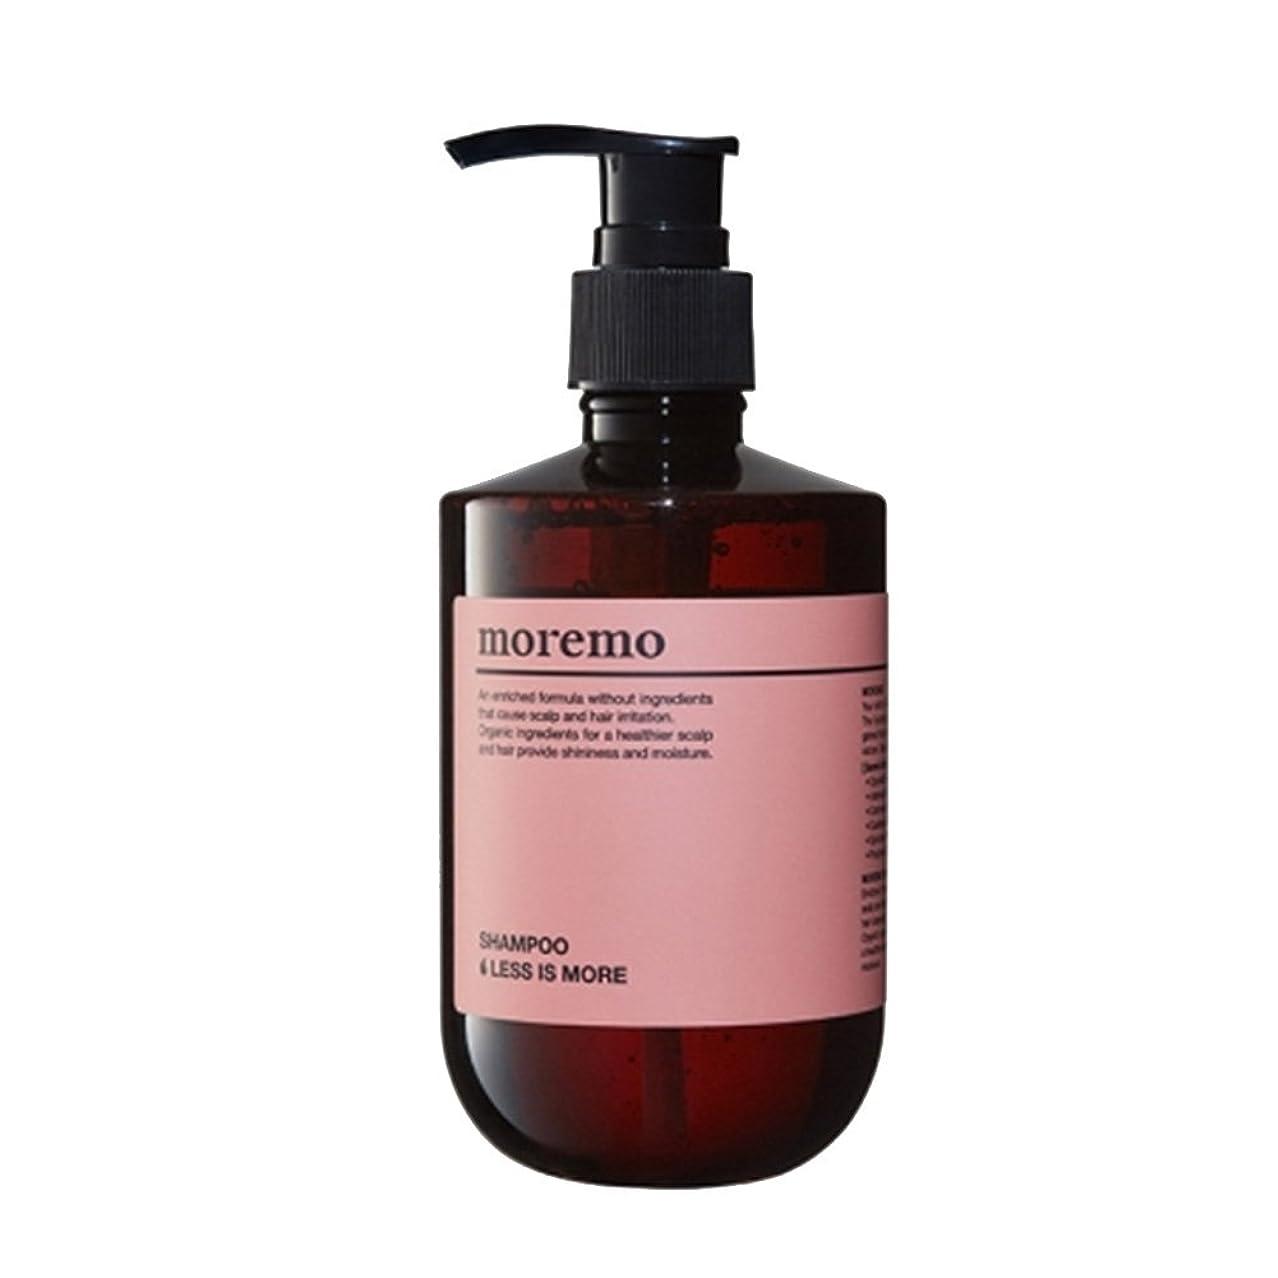 銀行世界記録のギネスブックポルノ【モレノ/ moremo]Hair SHAMPOO : LESS IS MORE (ソンサンモ、行く毛髪タイプ)/明後日某 シャンプー レススモア 300ml(海外直送品)